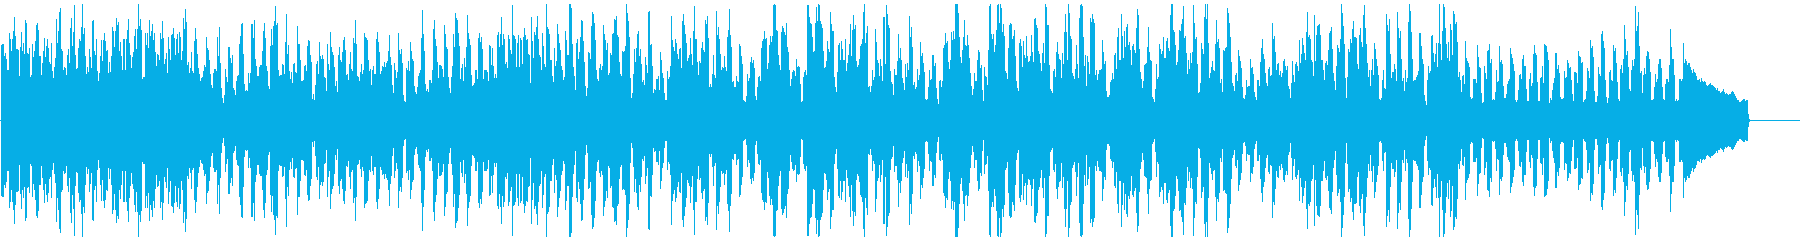 真夜中のカウボーイのようなミステリアス曲の再生済みの波形